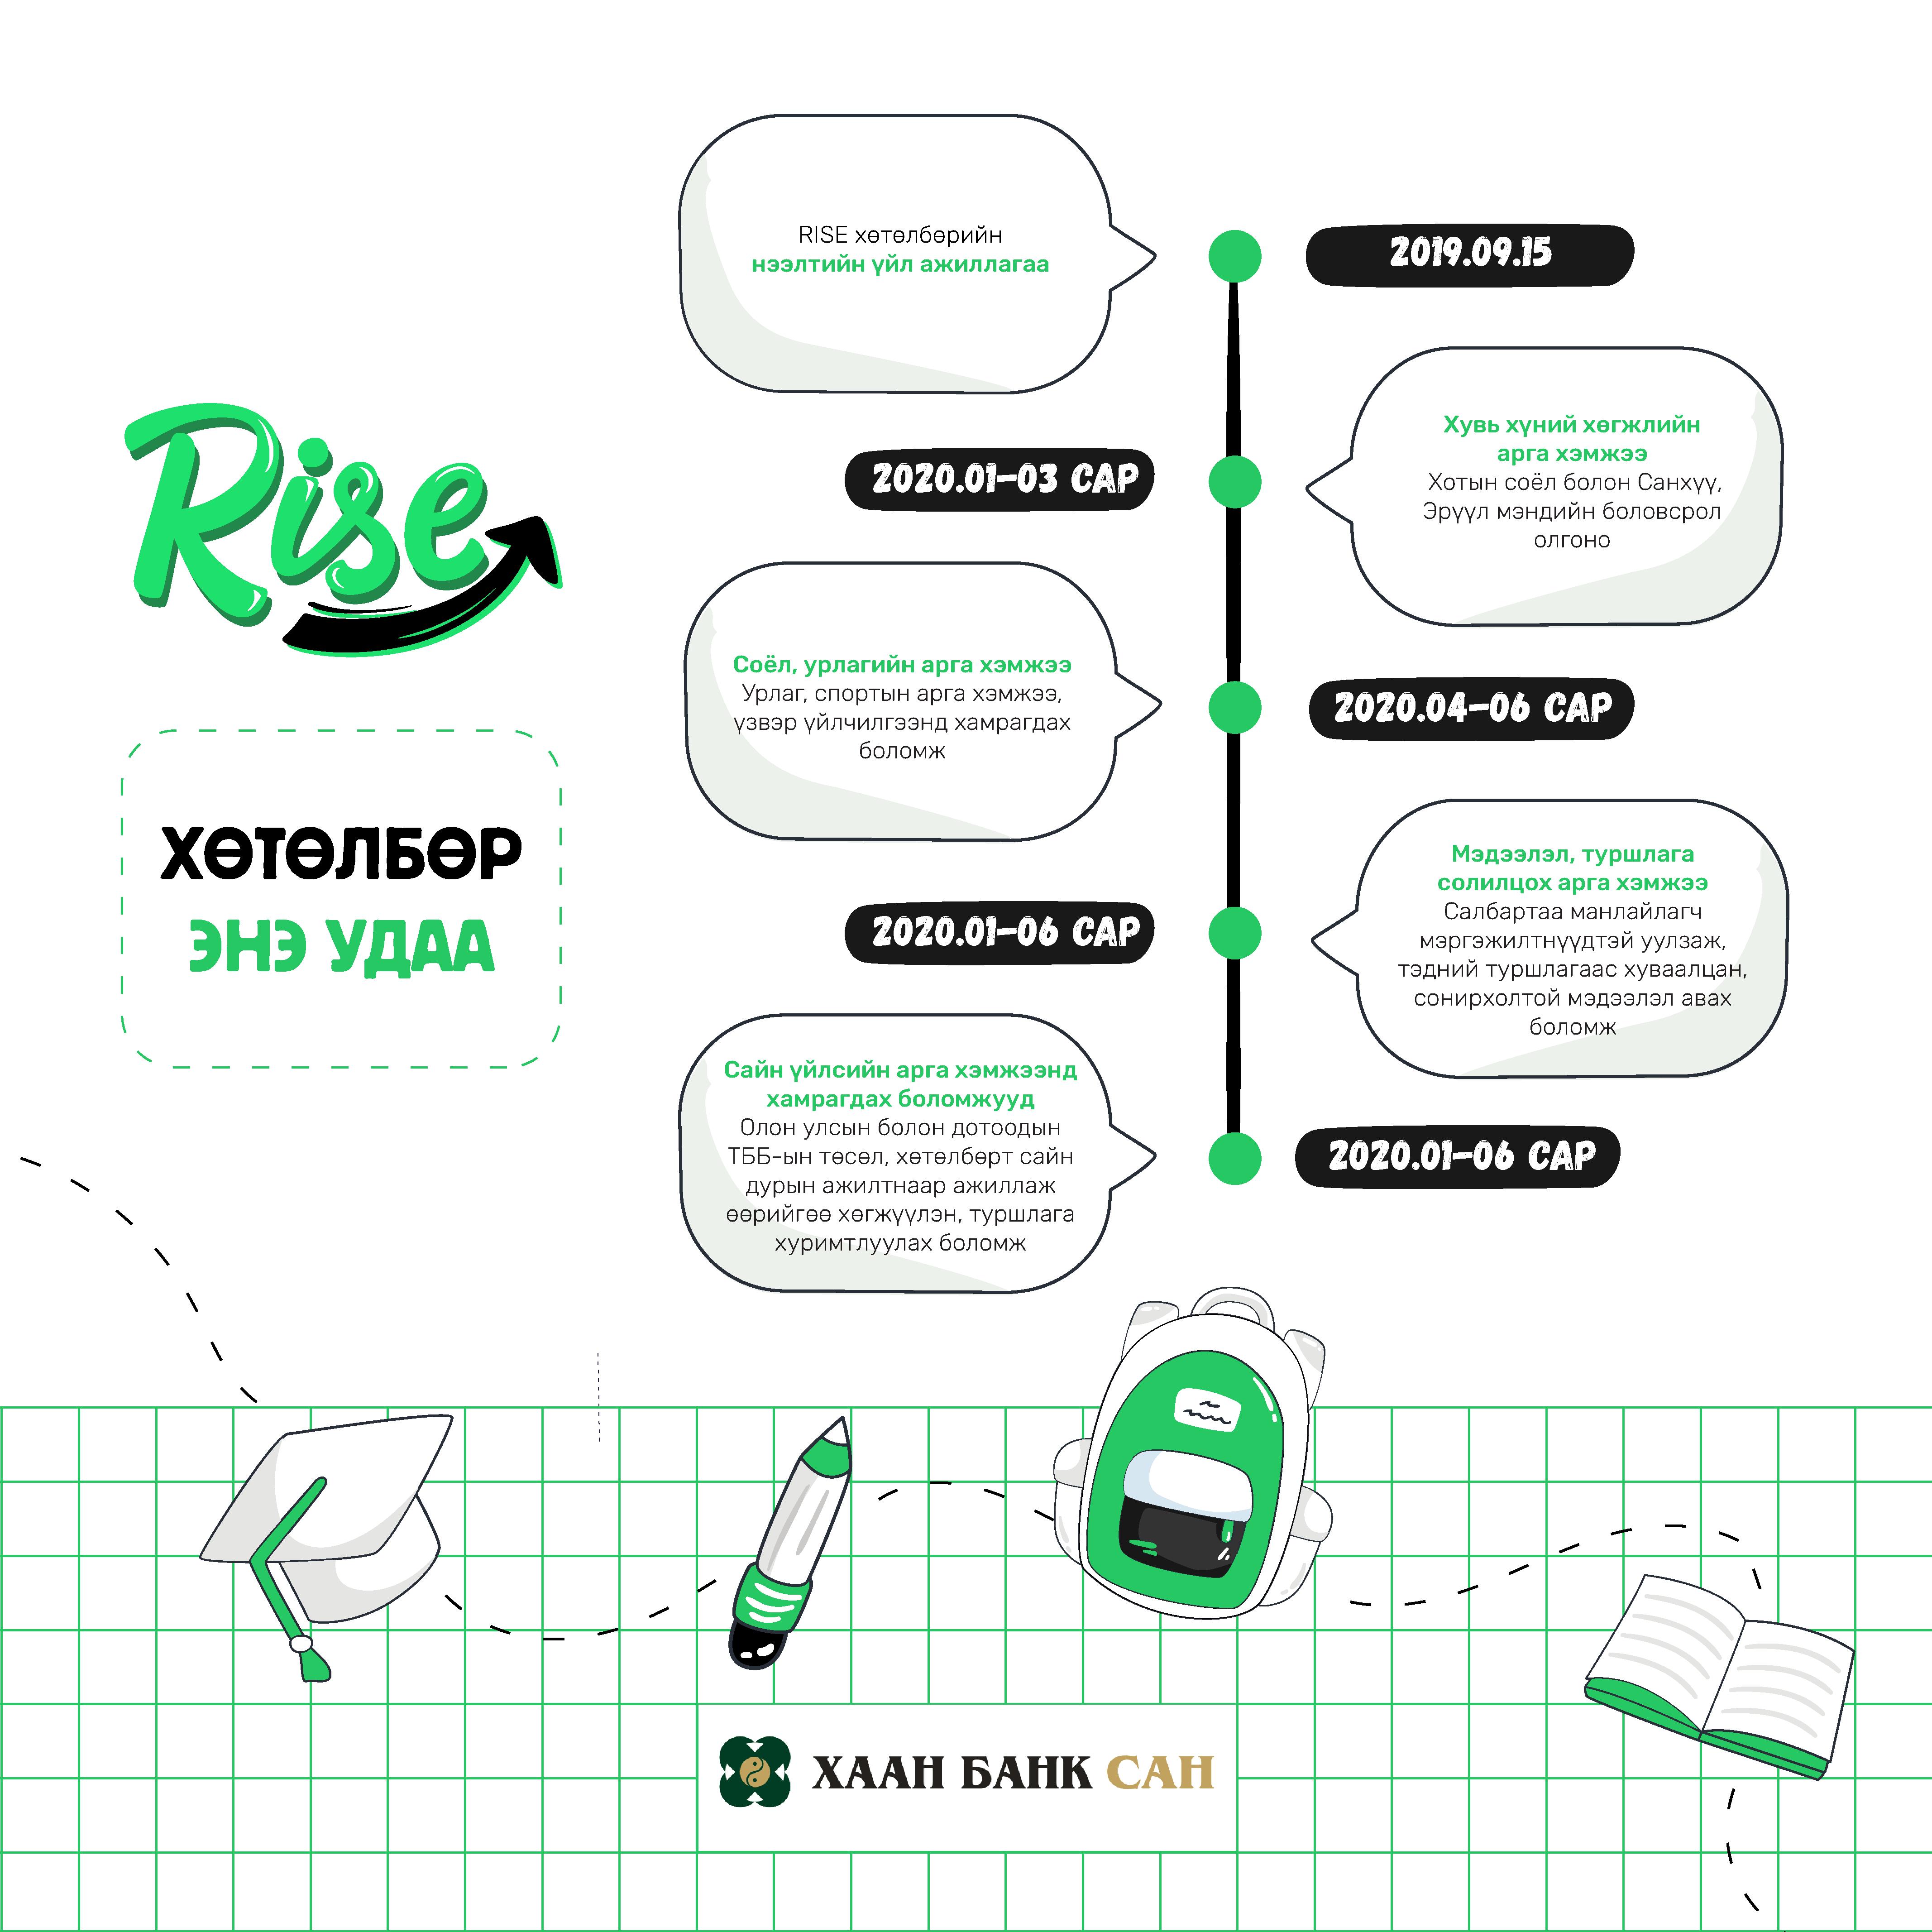 """RISE-Social-poster-4 ХААН банкнаас зохион байгуулж буй """"RISE"""" шинэ оюутны хөгжлийн хөтөлбөрийн бүртгэл эхэллээ"""